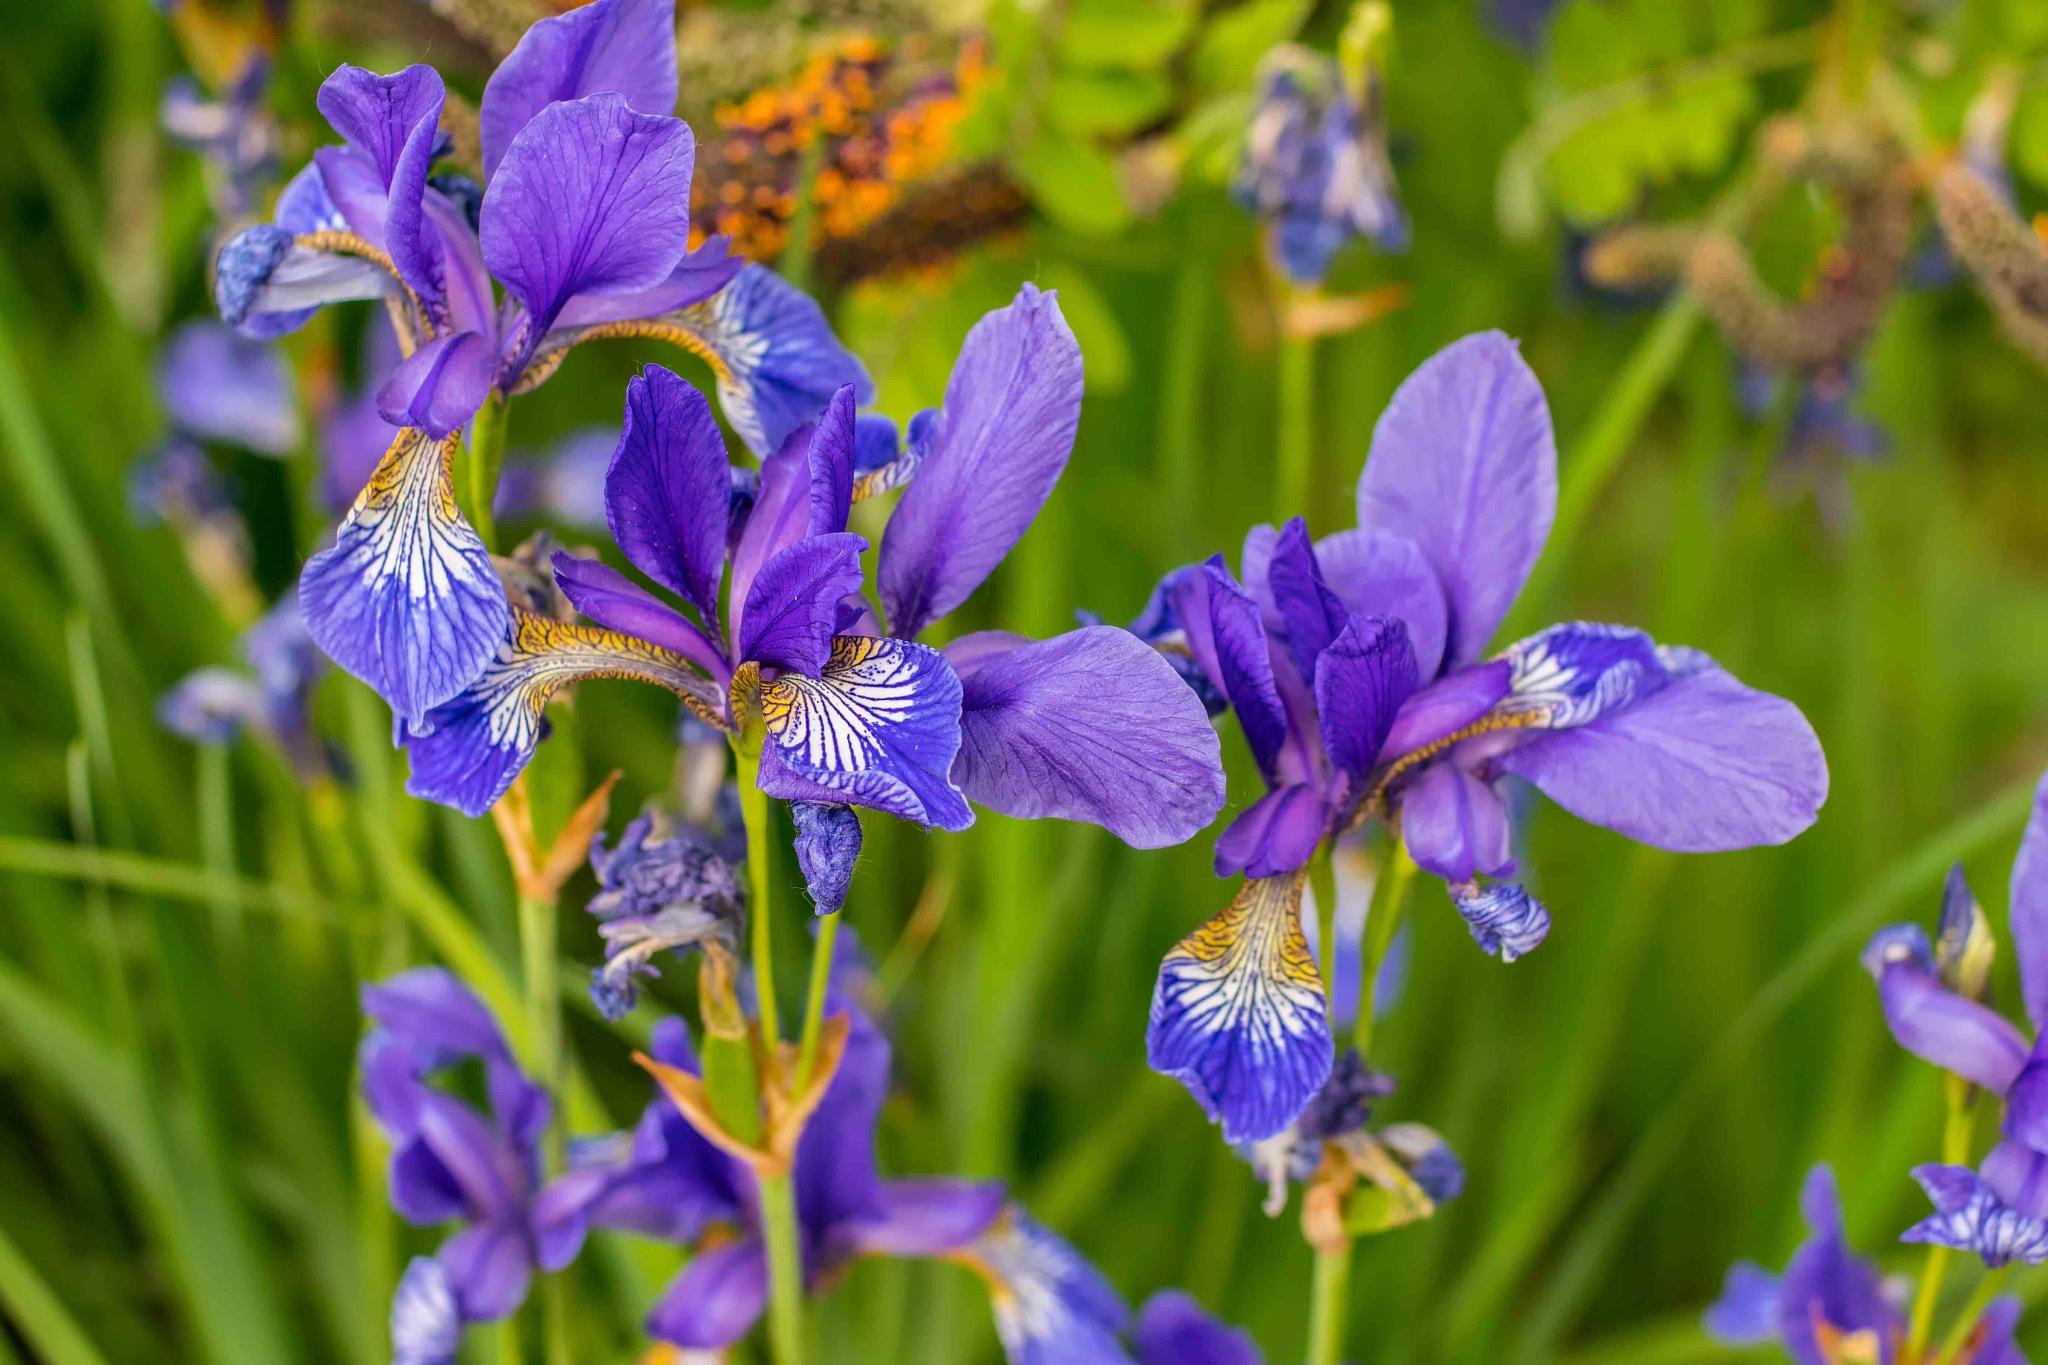 Flowers_II by HaWaFoTo